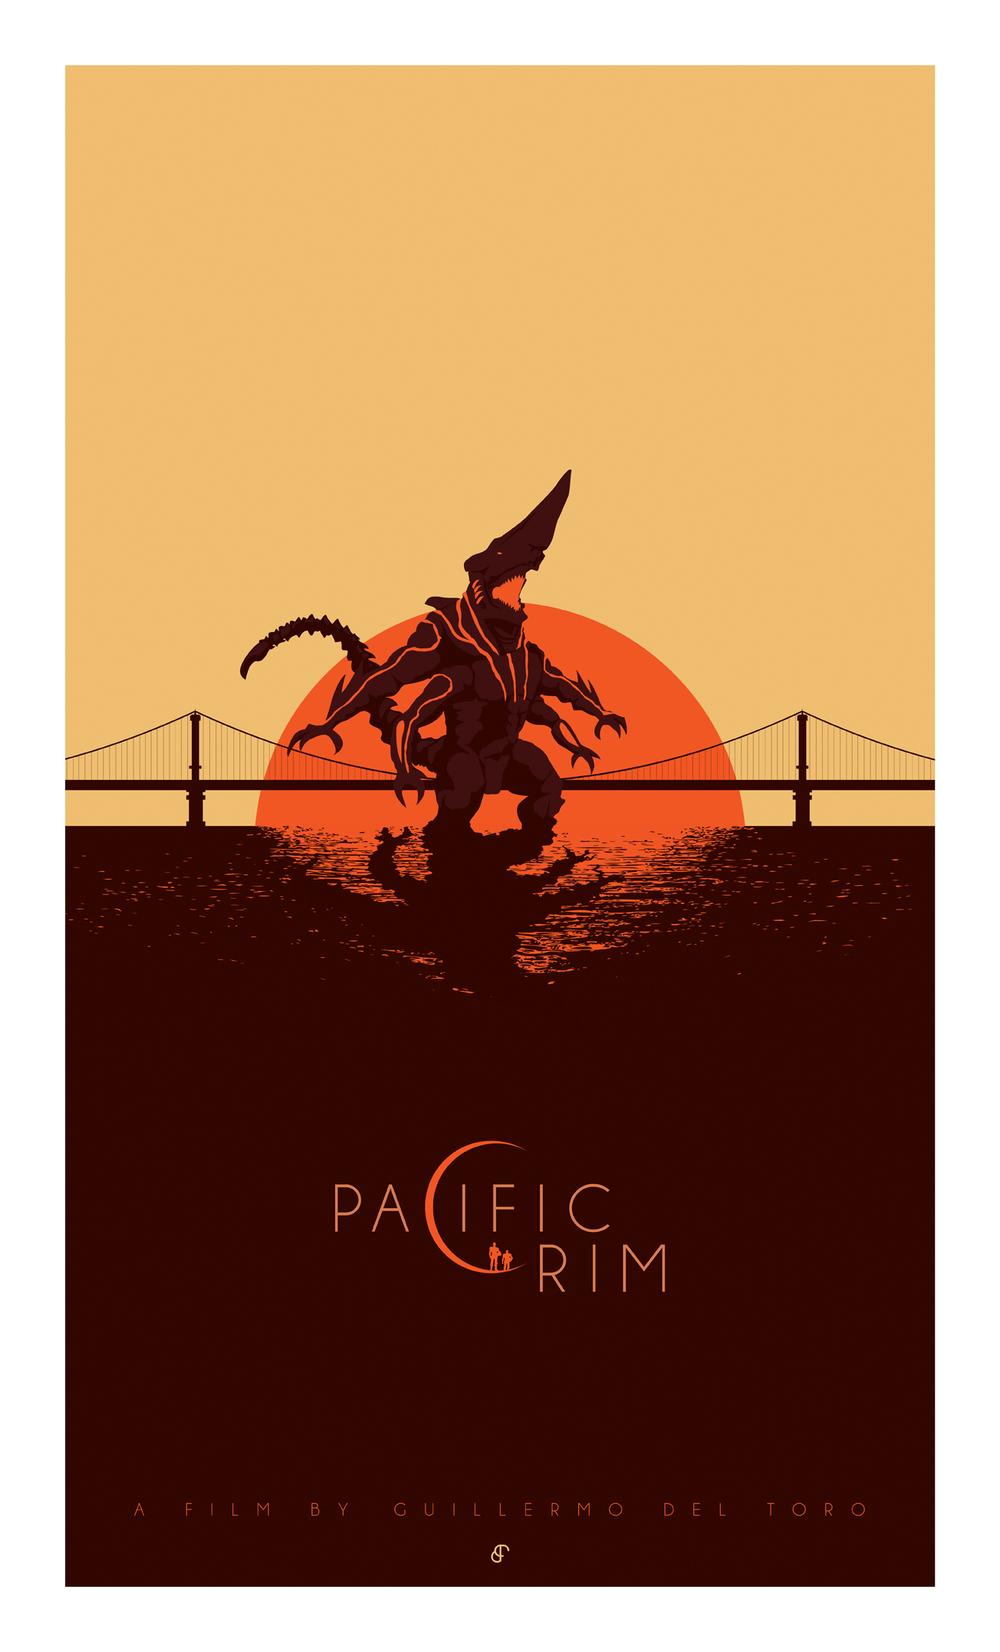 Pacific Rim / Kaiju / Poster Posse #3 — Barbarian Factory - The art of Patrick Connan